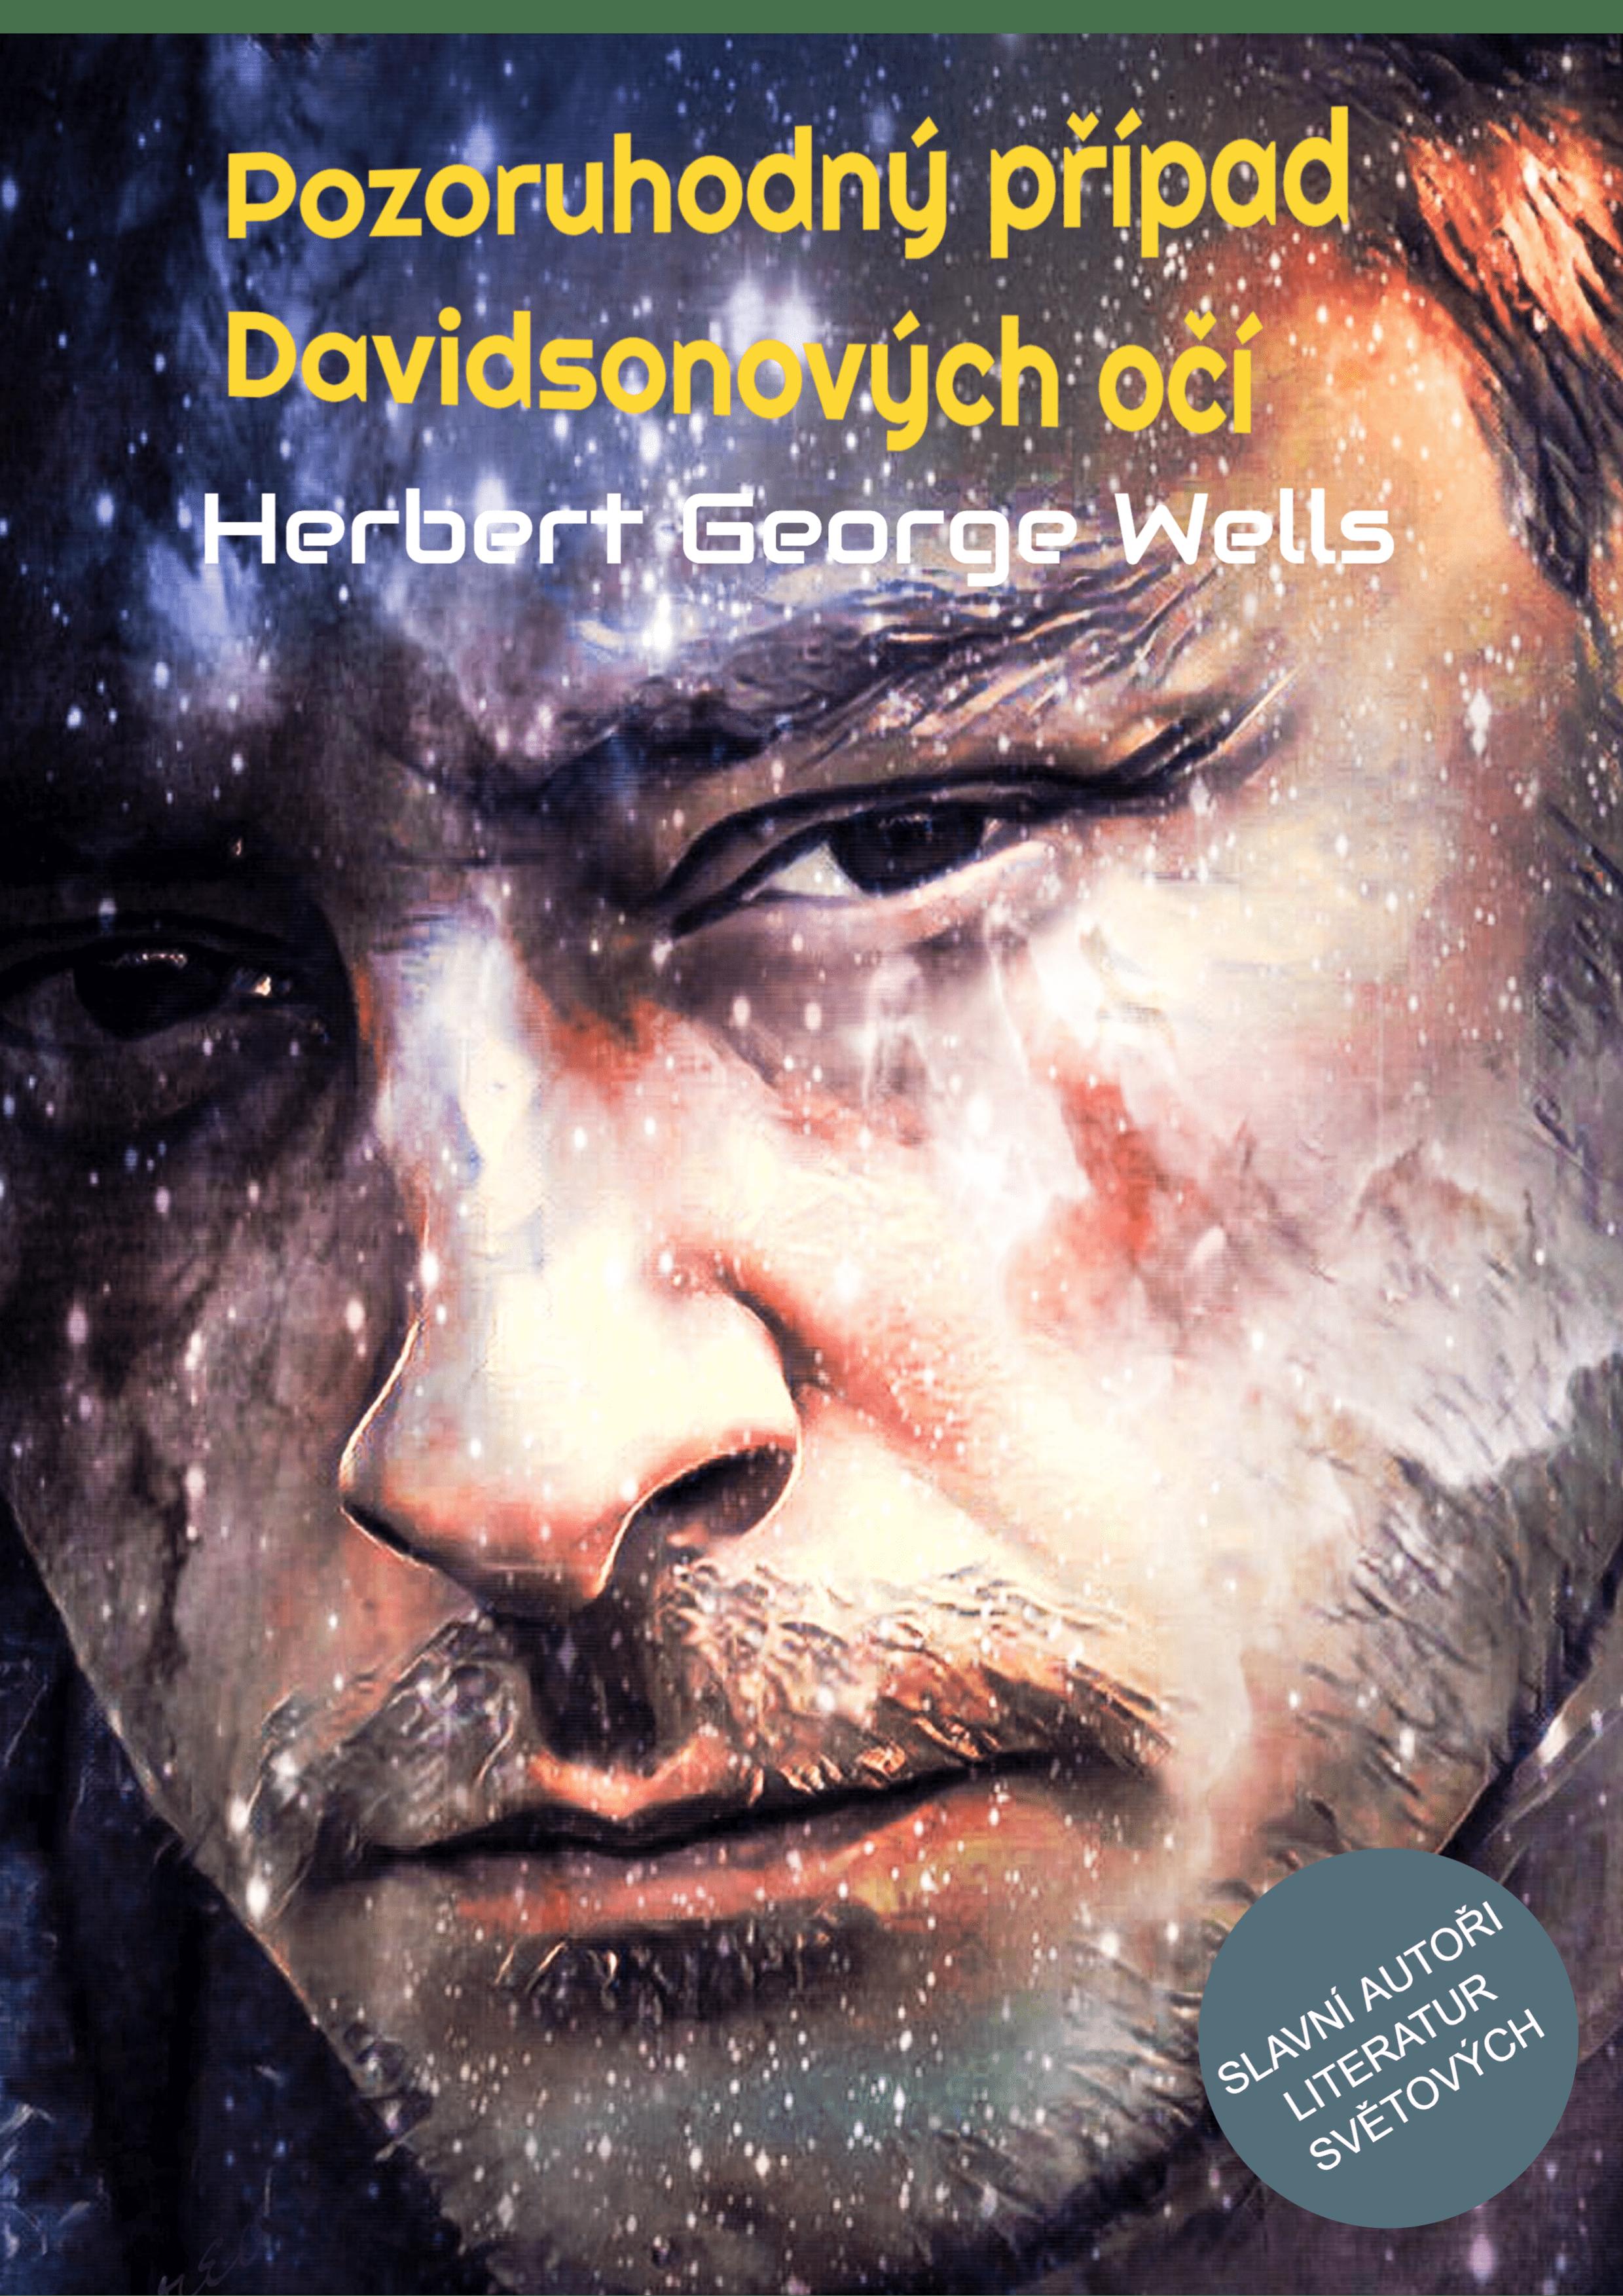 Pozoruhodný případ Davidsonových očí